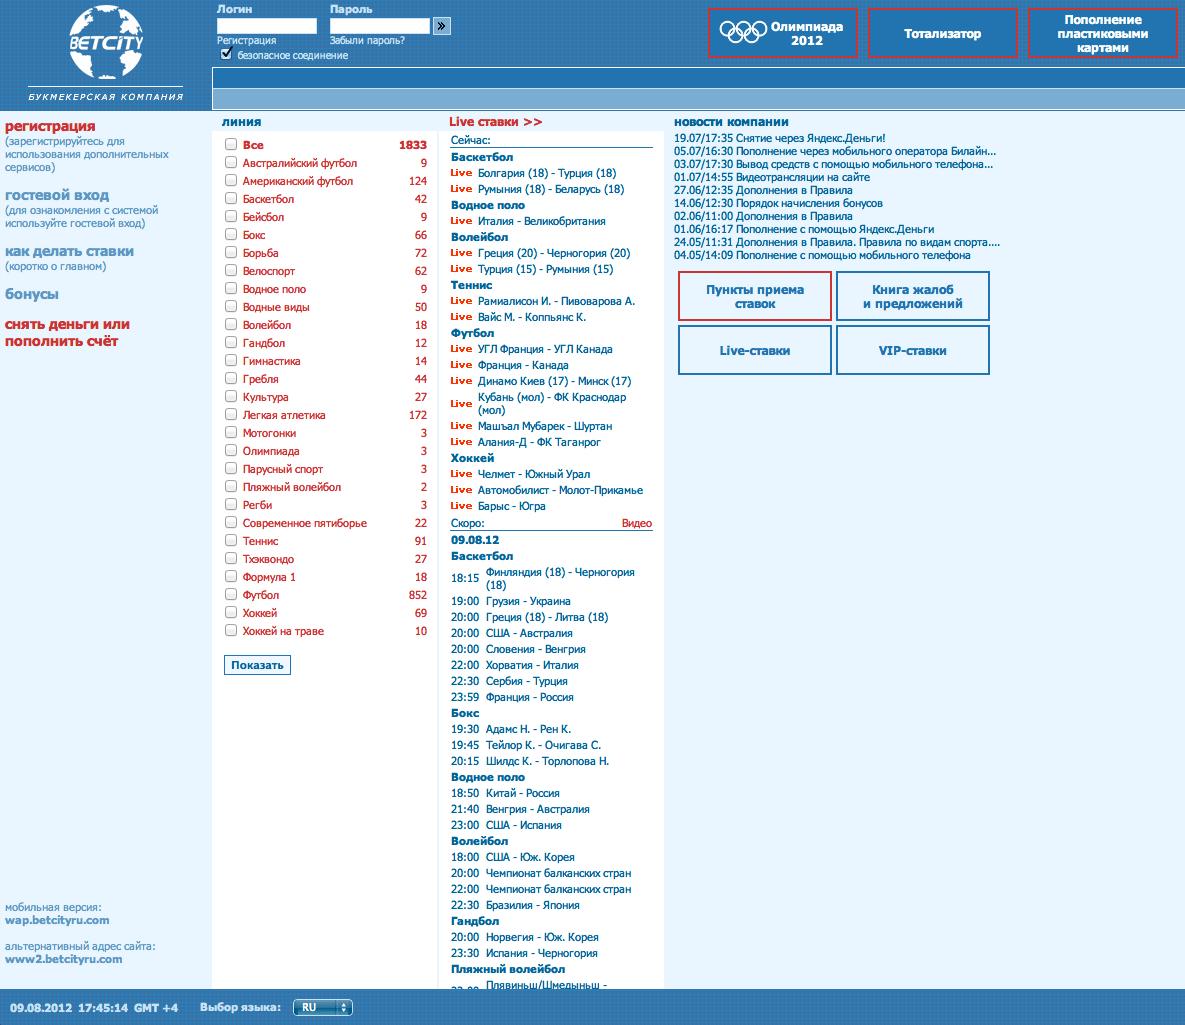 леон букмекерская контора пенза адреса